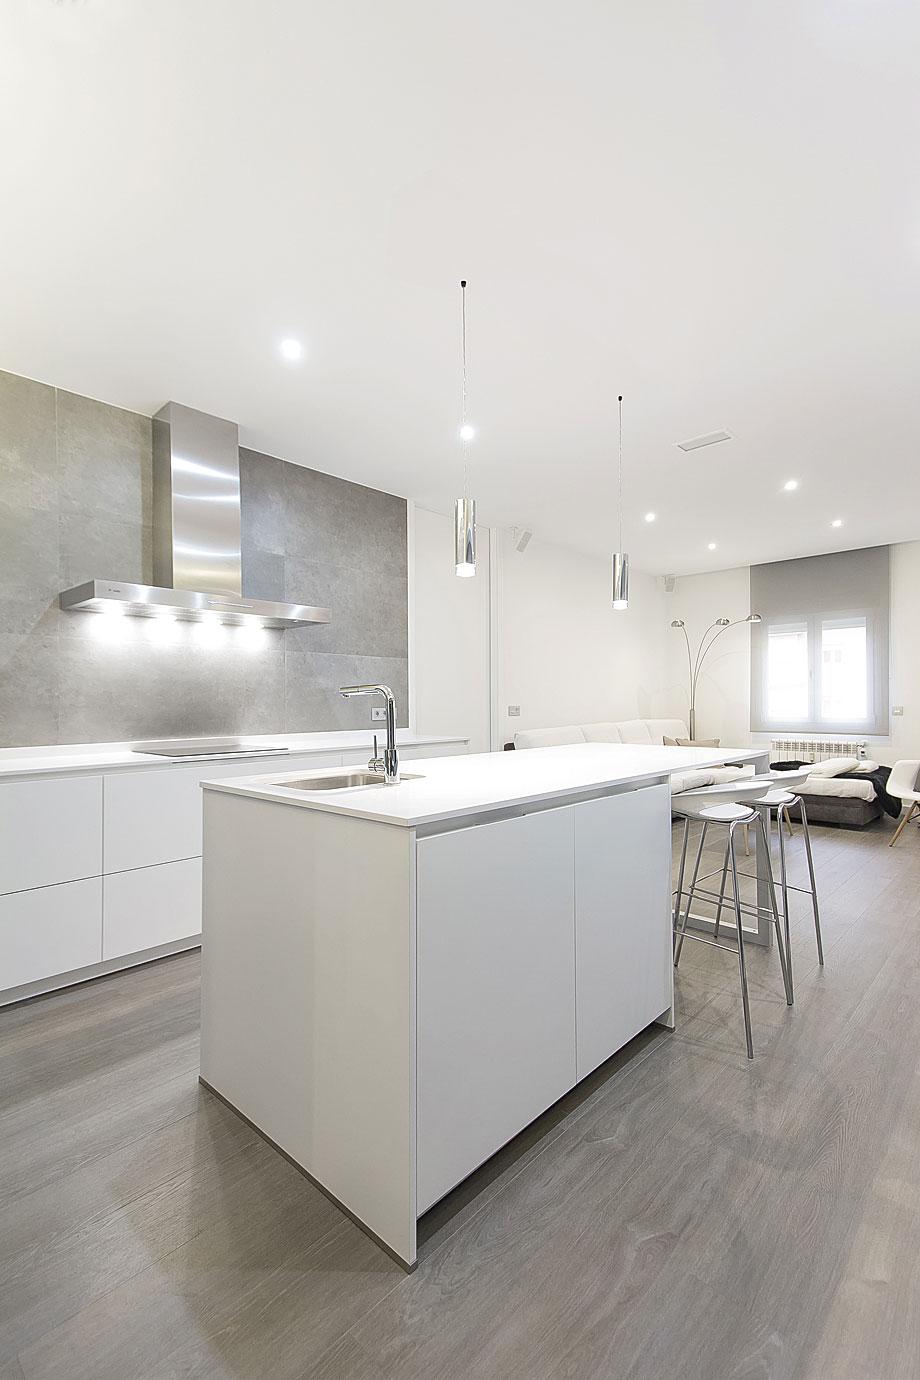 diseño-interior-vivienda-madrid-amasl-estudio-artycocina-santos (8)